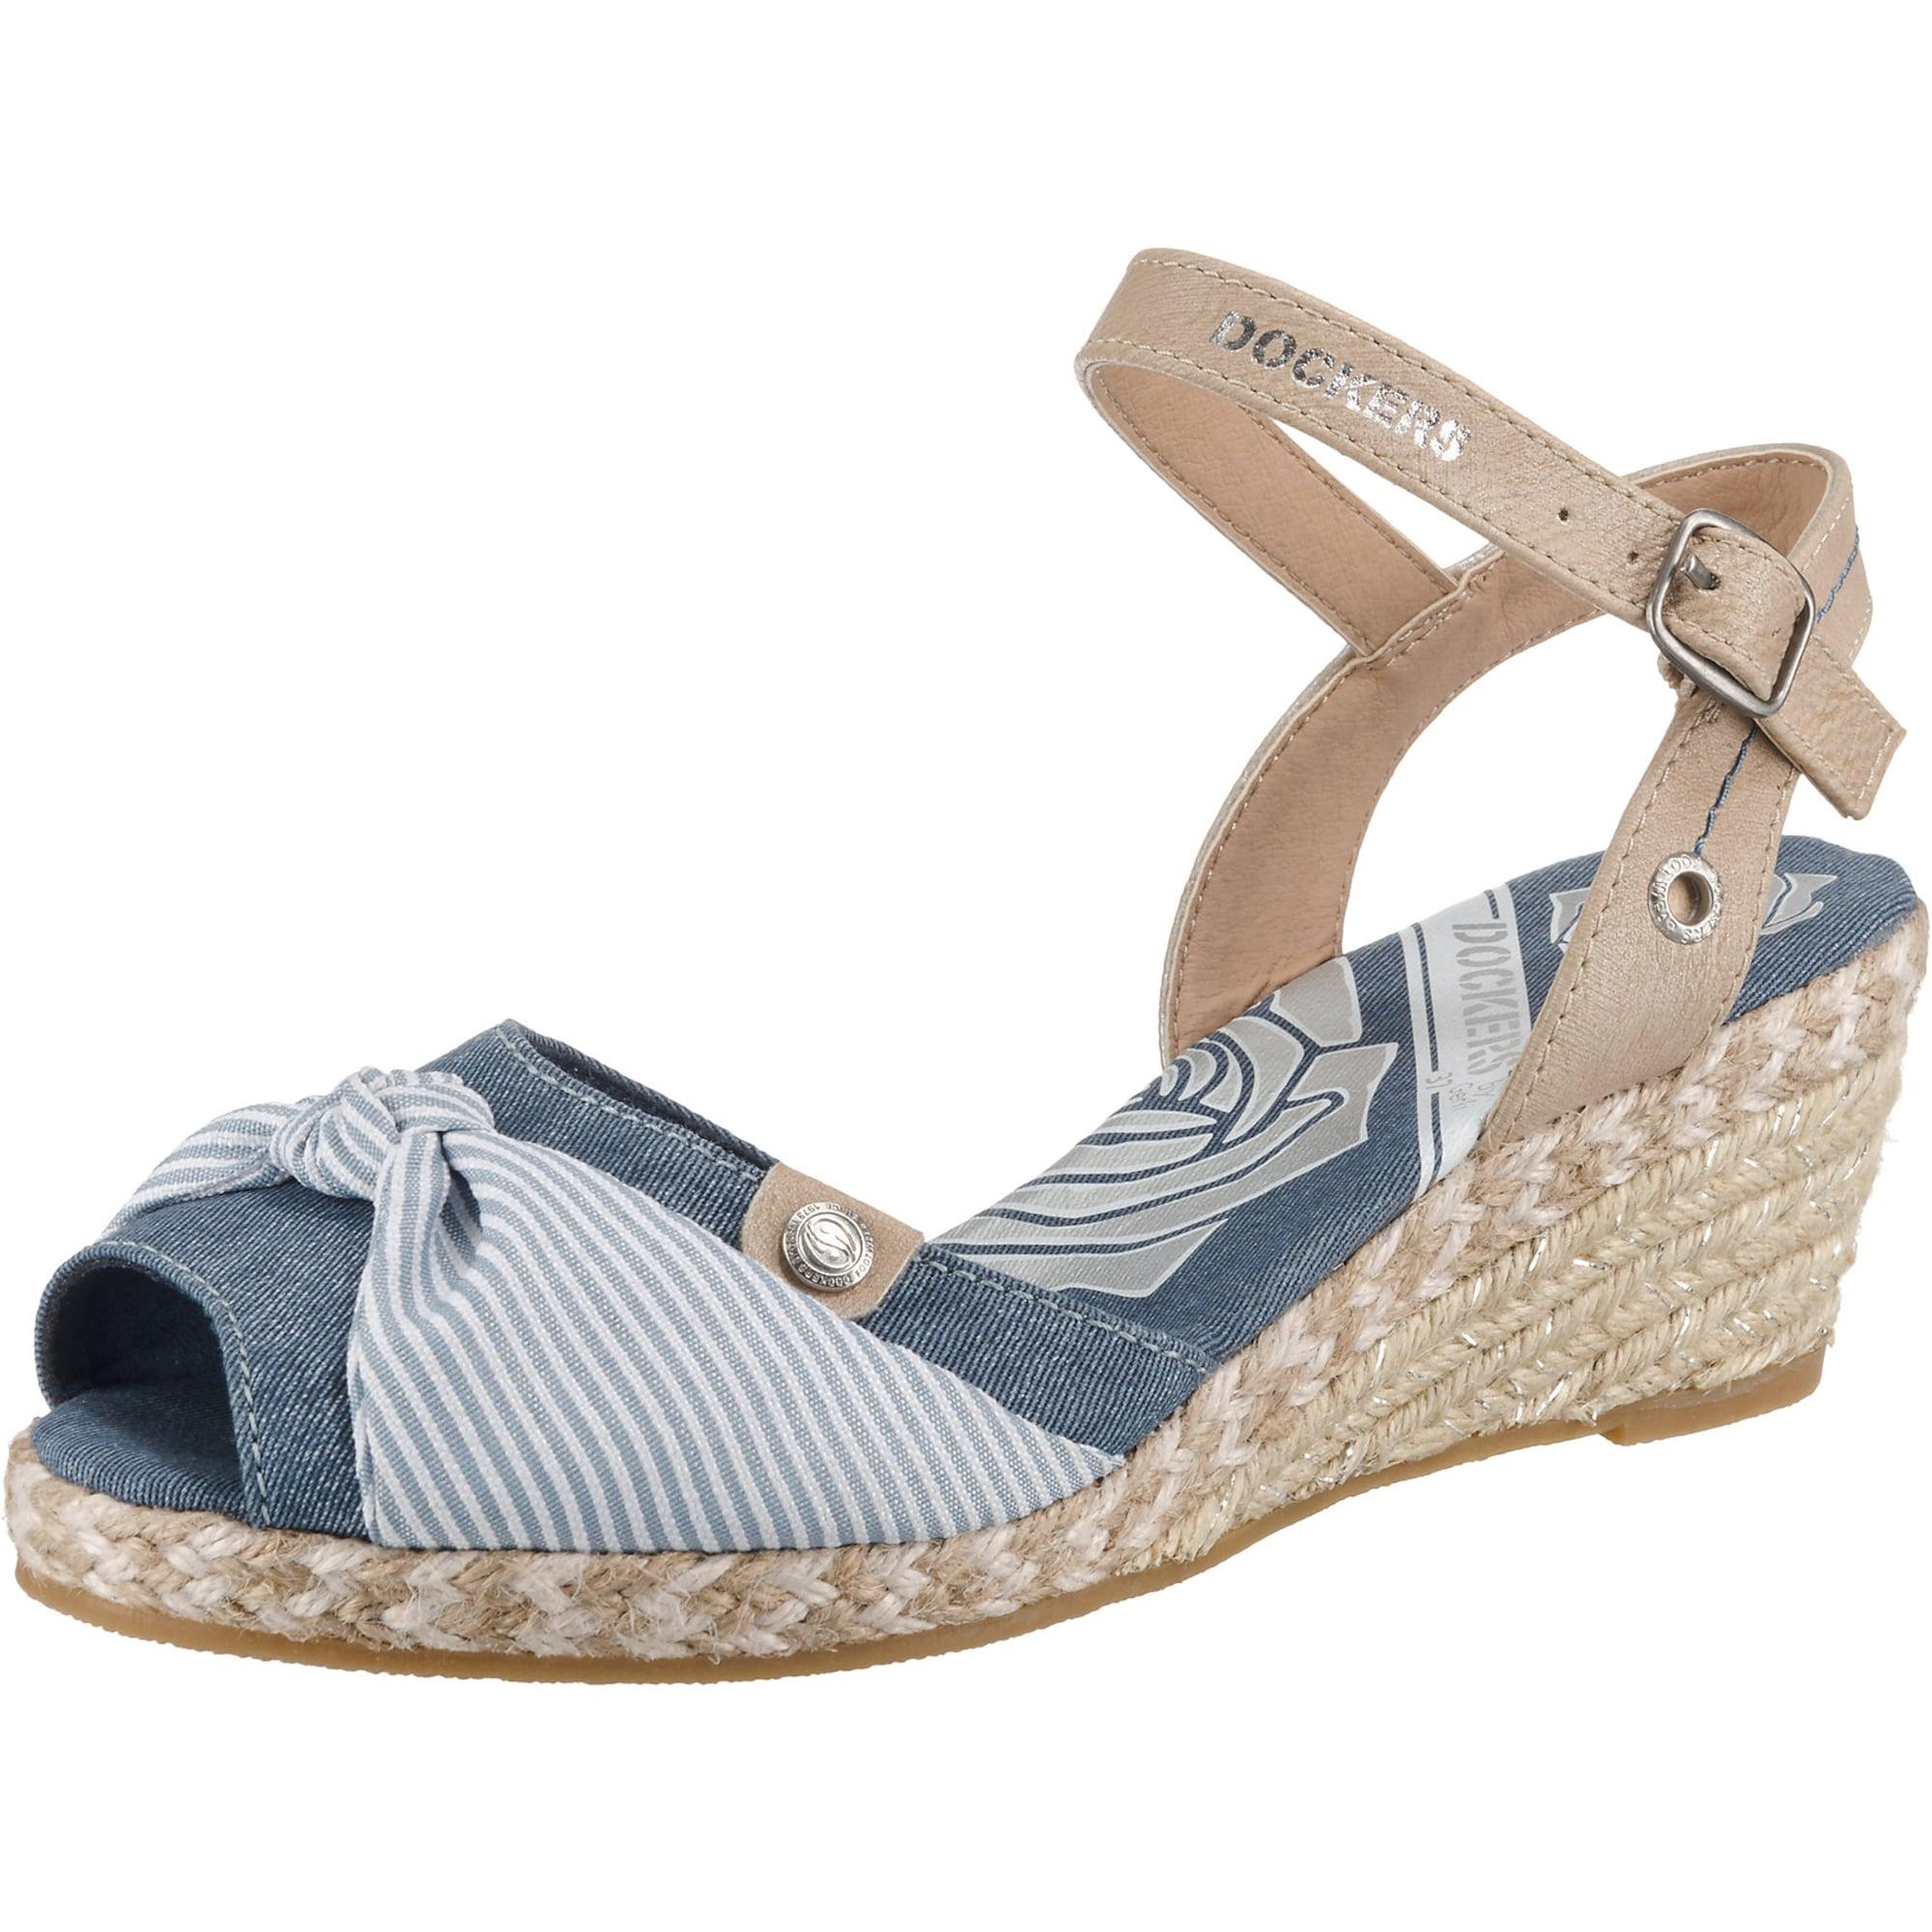 Páskové sandály velbloudí modrá džínovina Dockers By Gerli